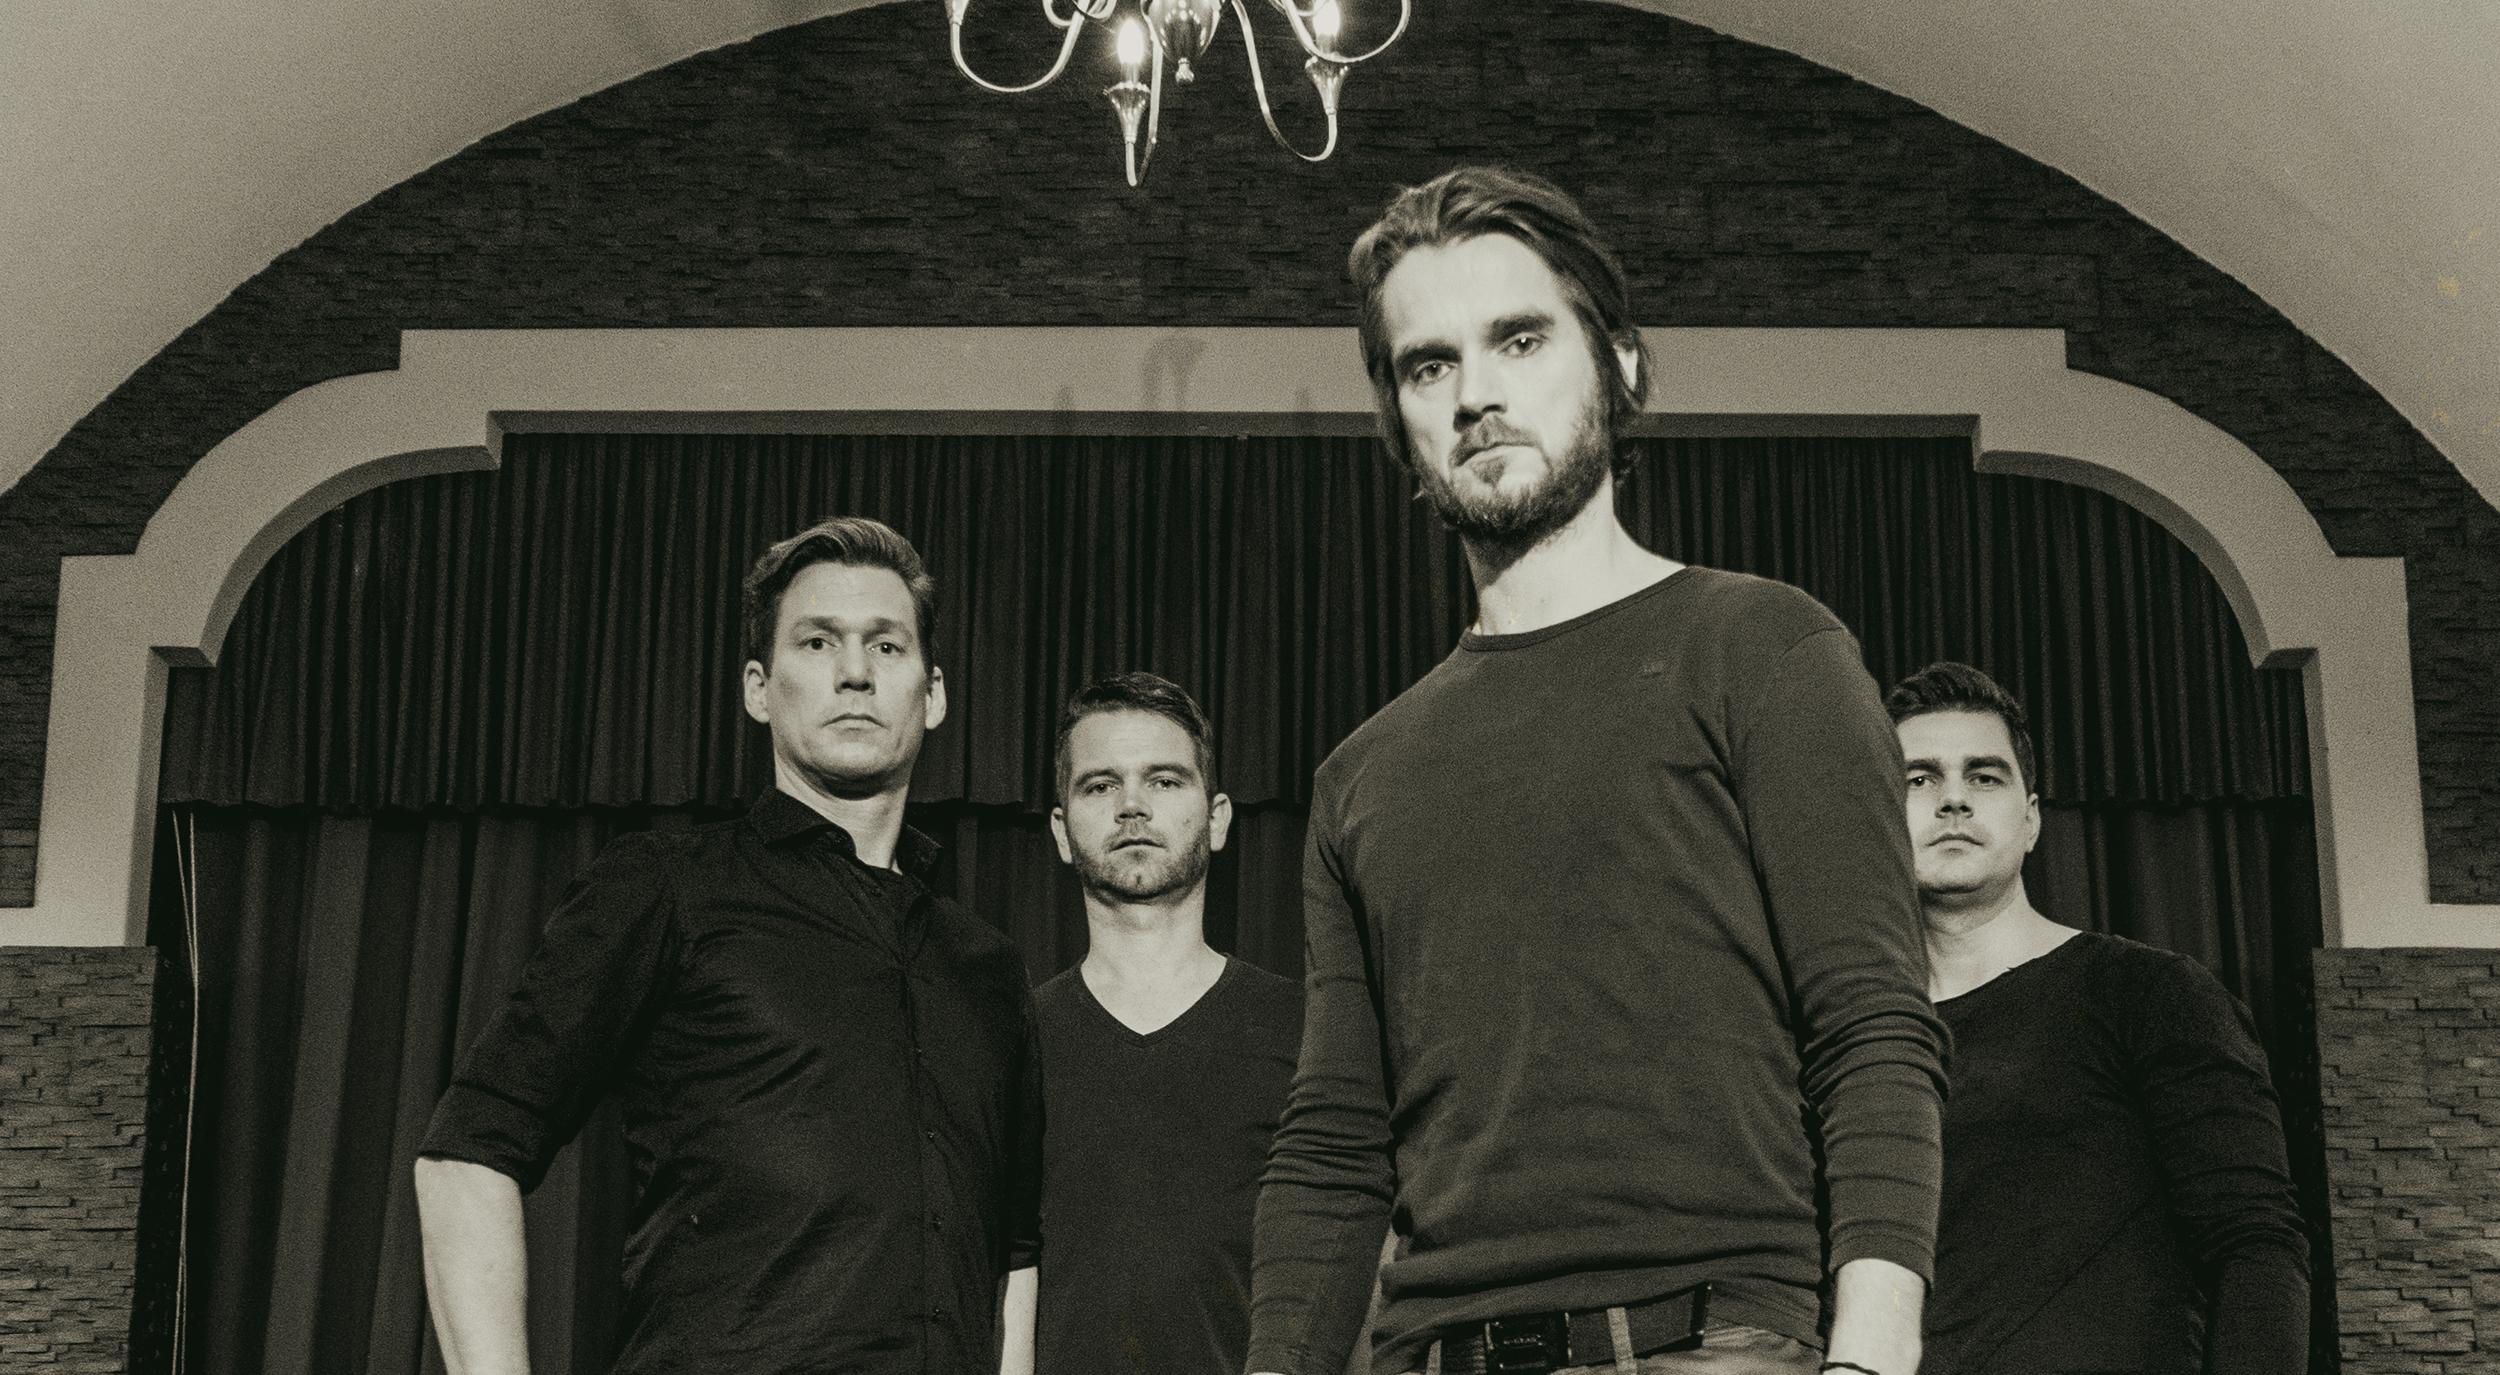 Drei regionale Rockbands in der Packhalle